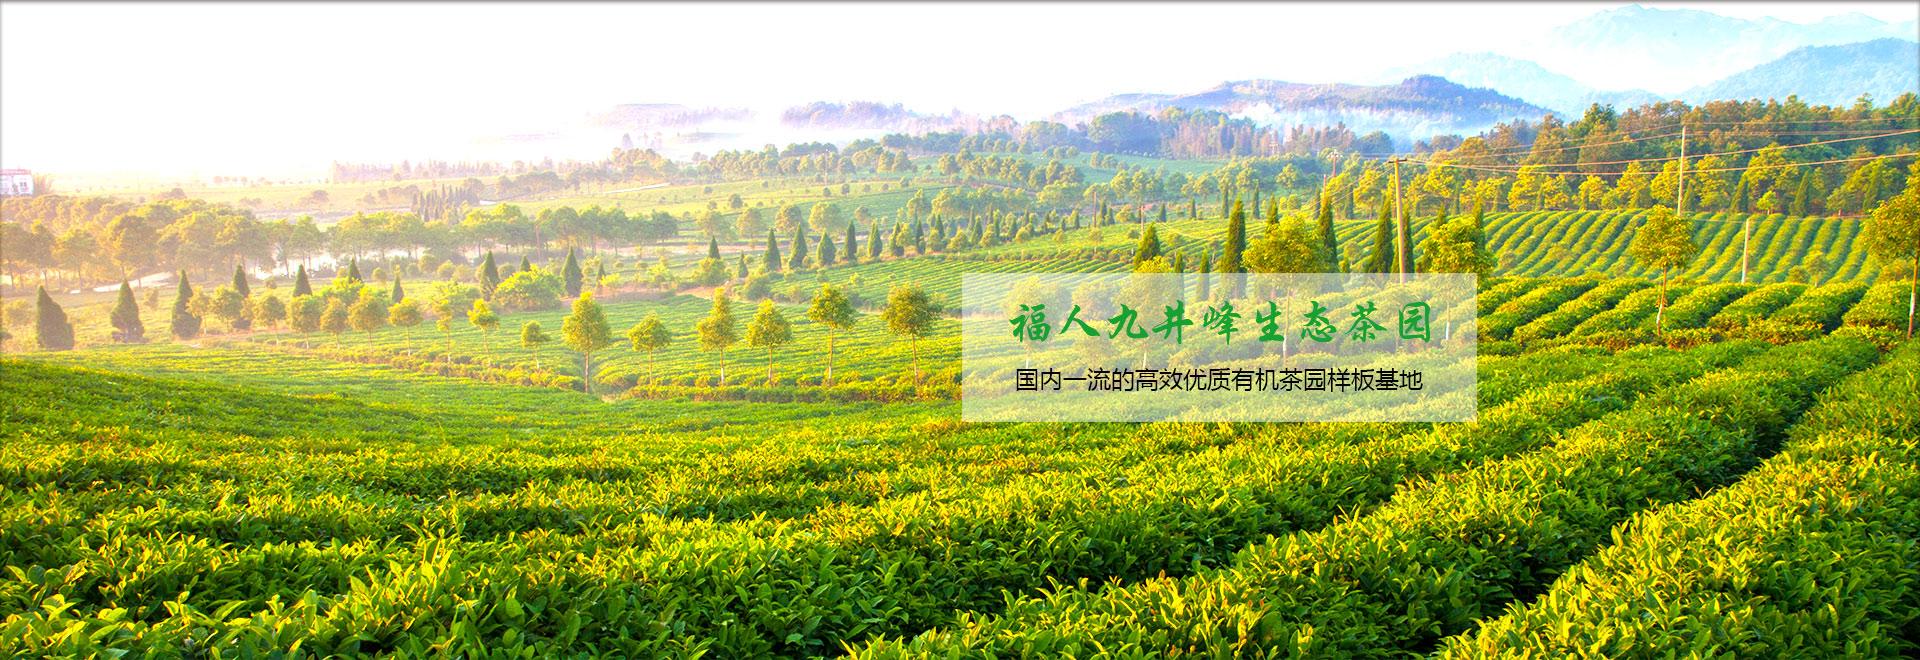 湖北有机绿茶